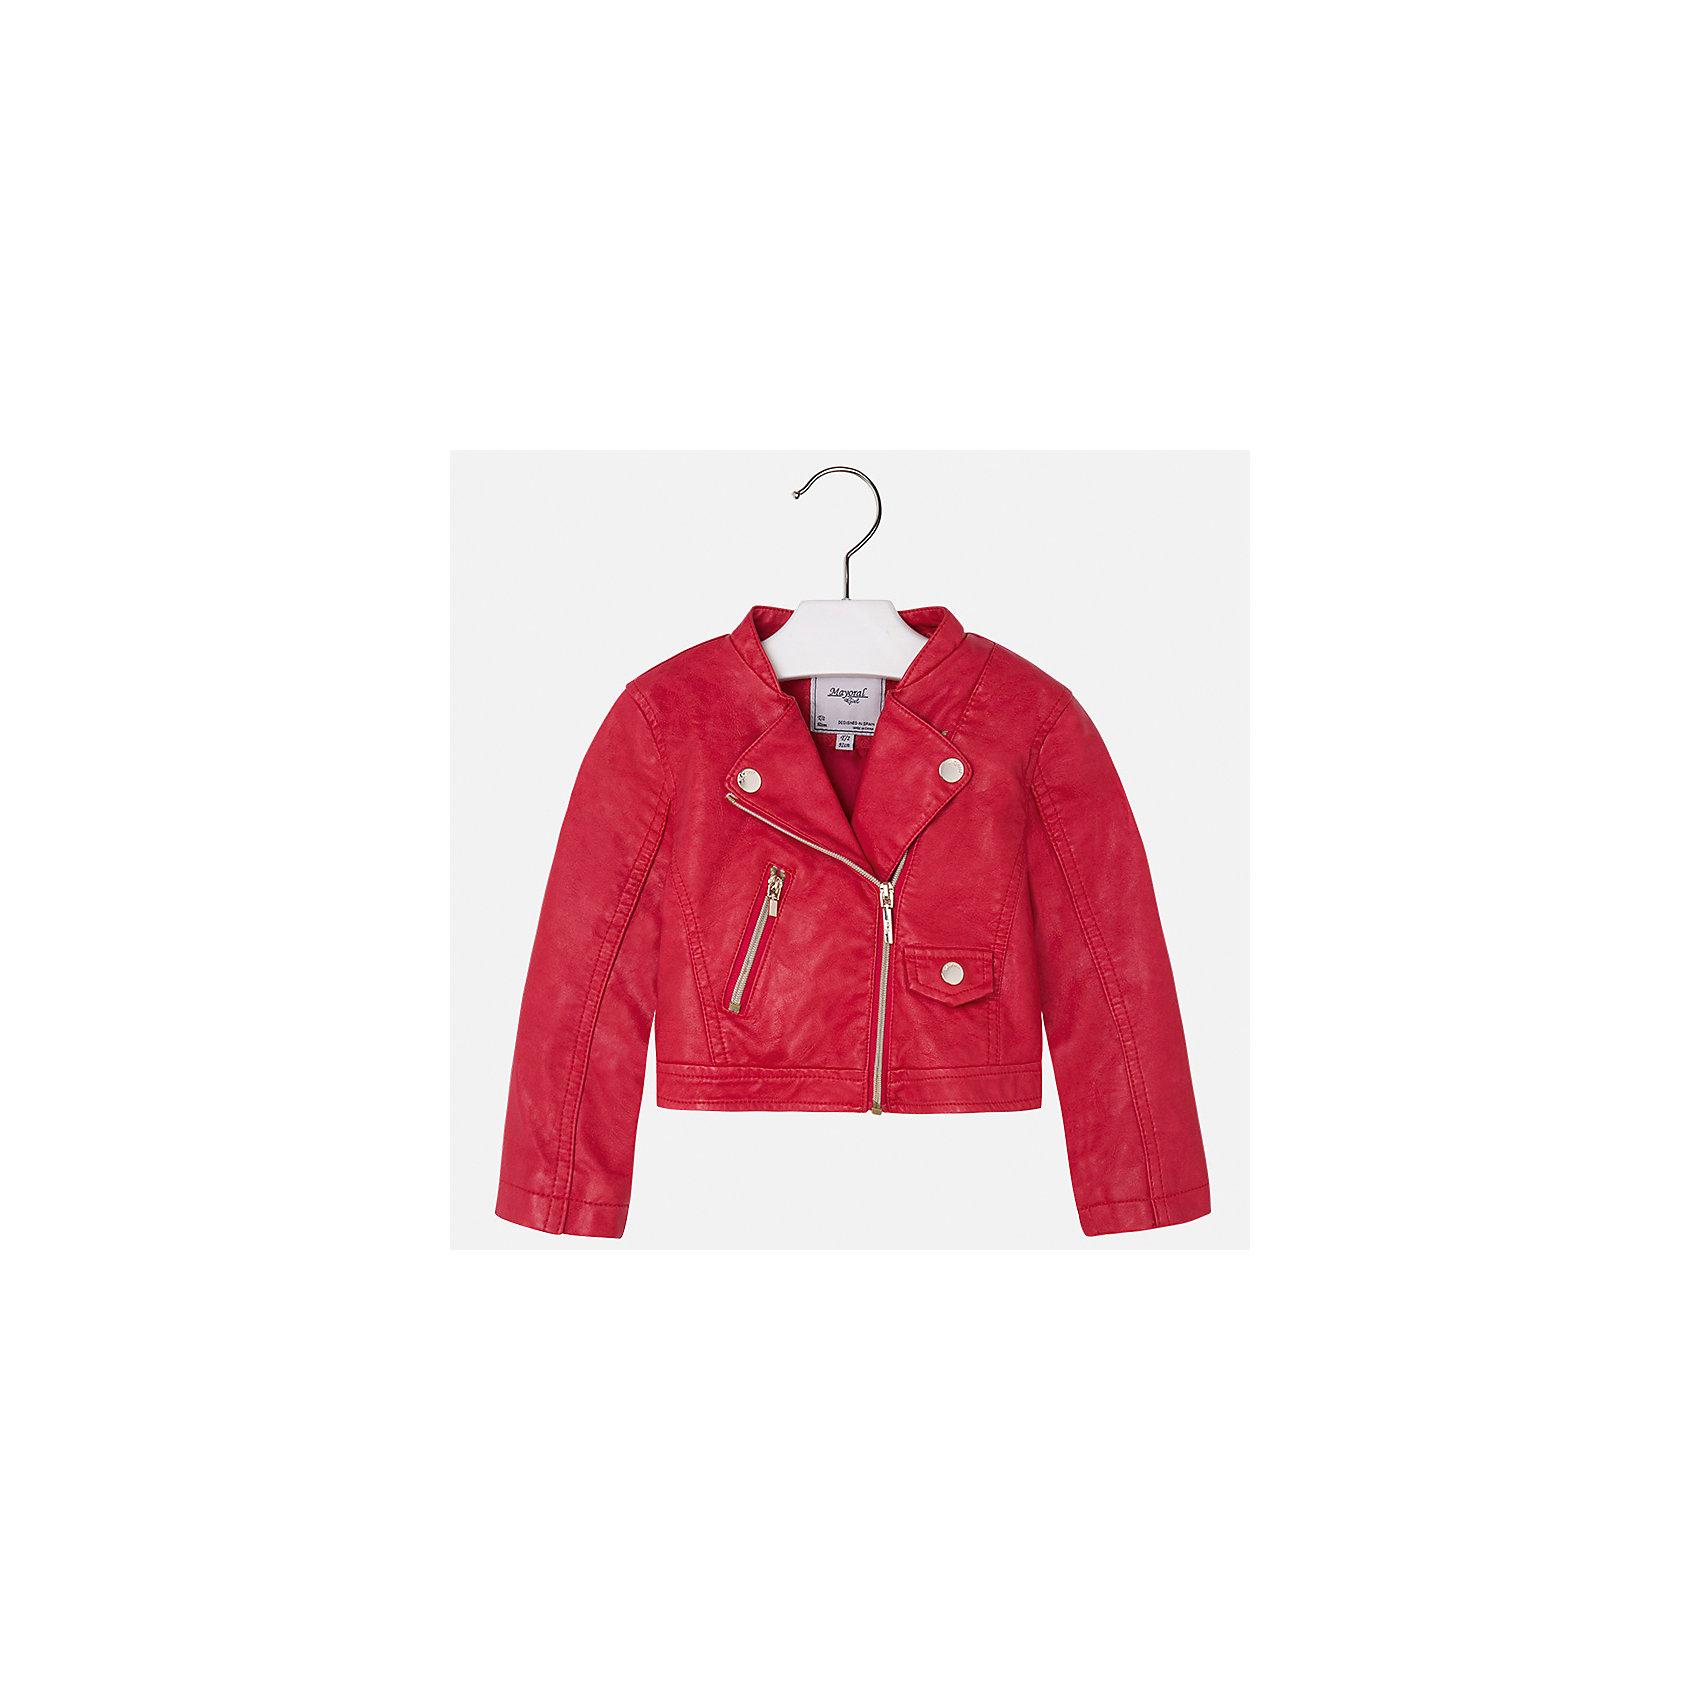 Куртка для девочки MayoralВерхняя одежда<br>Характеристики товара:<br><br>• цвет: красный<br>• состав: 100% полиэстер, верх - 100% полиэстер<br>• косая молния<br>• карманы<br>• с длинными рукавами <br>• плотная ткань<br>• страна бренда: Испания<br><br>Стильная куртка для девочки поможет разнообразить гардероб ребенка и обеспечить тепло в прохладную погоду. Она отлично сочетается и с юбками, и с брюками. Красивый цвет позволяет подобрать к вещи низ различных расцветок. Интересная отделка модели делает её нарядной и стильной. Оригинальной и модной куртку делает косая молния.<br><br>Одежда, обувь и аксессуары от испанского бренда Mayoral полюбились детям и взрослым по всему миру. Модели этой марки - стильные и удобные. Для их производства используются только безопасные, качественные материалы и фурнитура. Порадуйте ребенка модными и красивыми вещами от Mayoral! <br><br>Куртку для девочки от испанского бренда Mayoral (Майорал) можно купить в нашем интернет-магазине.<br><br>Ширина мм: 356<br>Глубина мм: 10<br>Высота мм: 245<br>Вес г: 519<br>Цвет: красный<br>Возраст от месяцев: 18<br>Возраст до месяцев: 24<br>Пол: Женский<br>Возраст: Детский<br>Размер: 92,134,98,104,110,116,122,128<br>SKU: 5290073